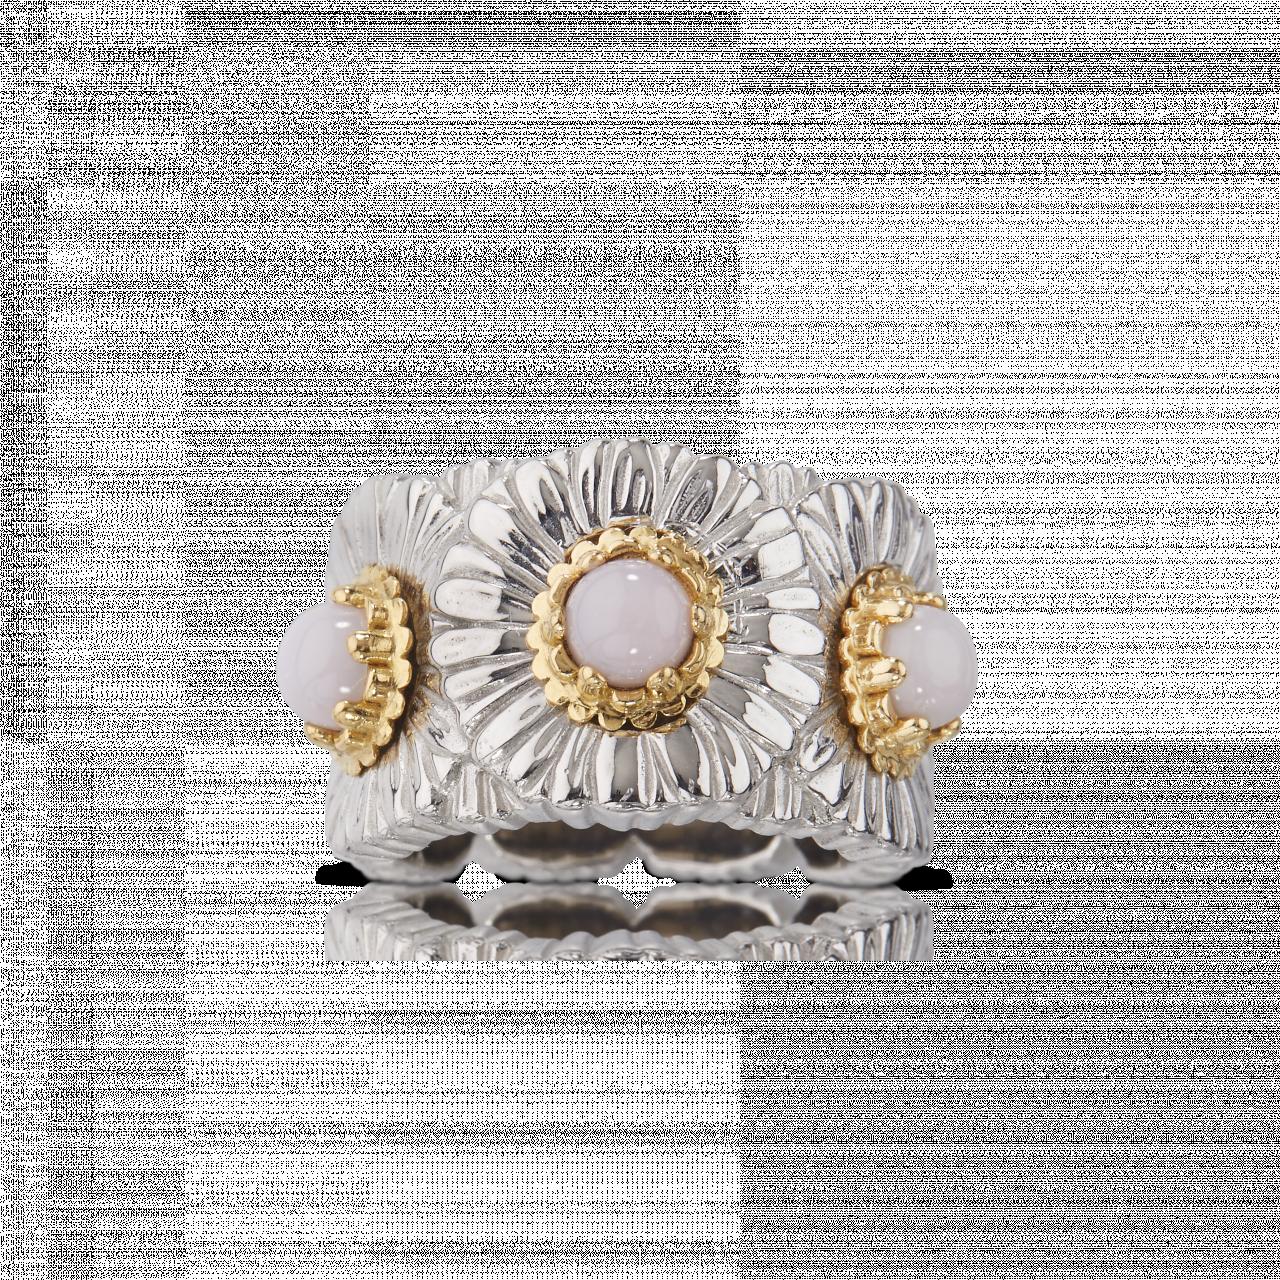 BUCCELLATI ANELLO ETERNELLE Daisy Blossom Color Anello eternelle in argento con opale MATERIALI: ARGENTO, OPALE RING SCONTO DISCOUNT ETE021325